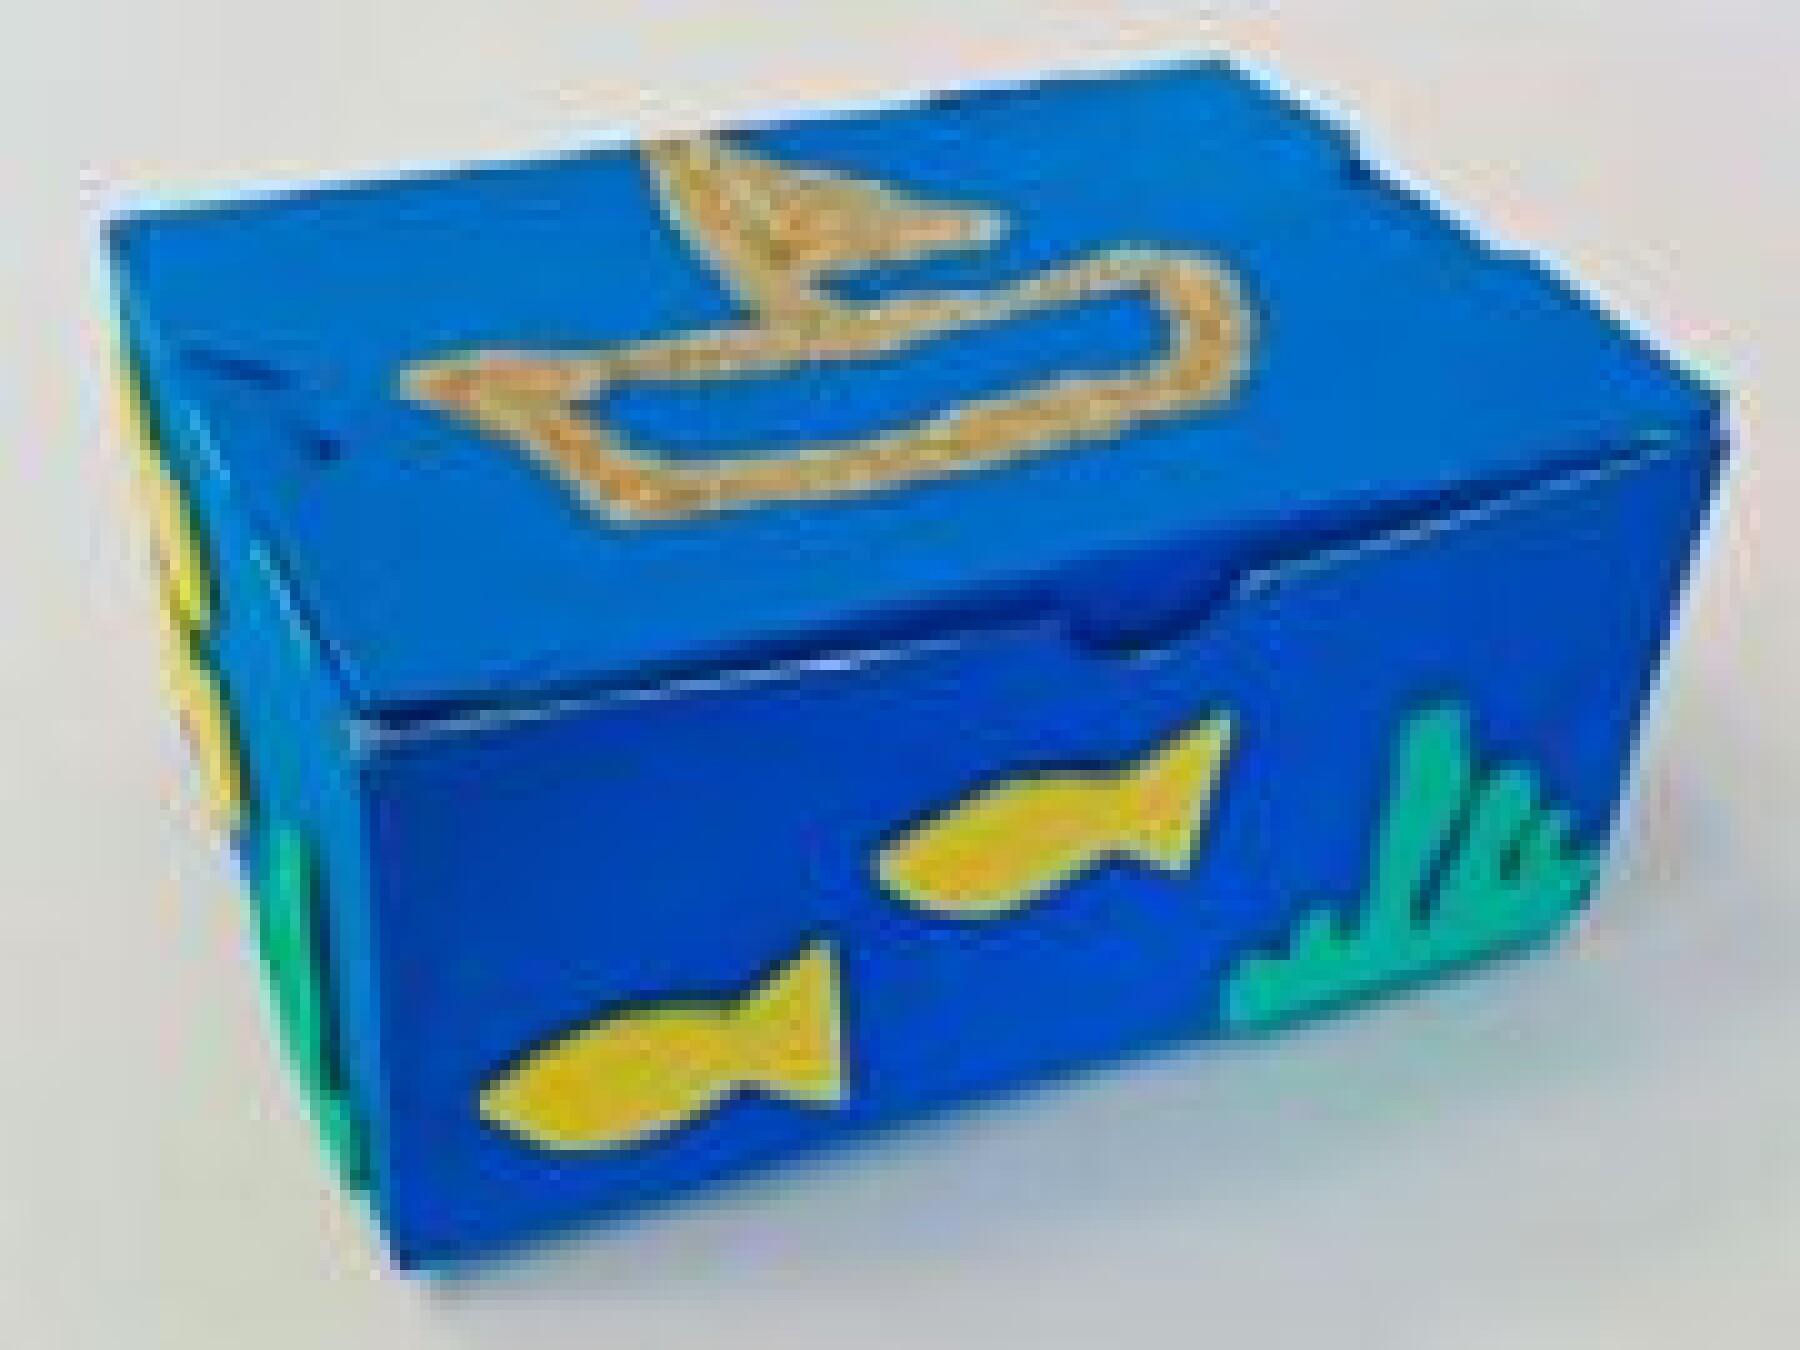 La boîte à coquillages